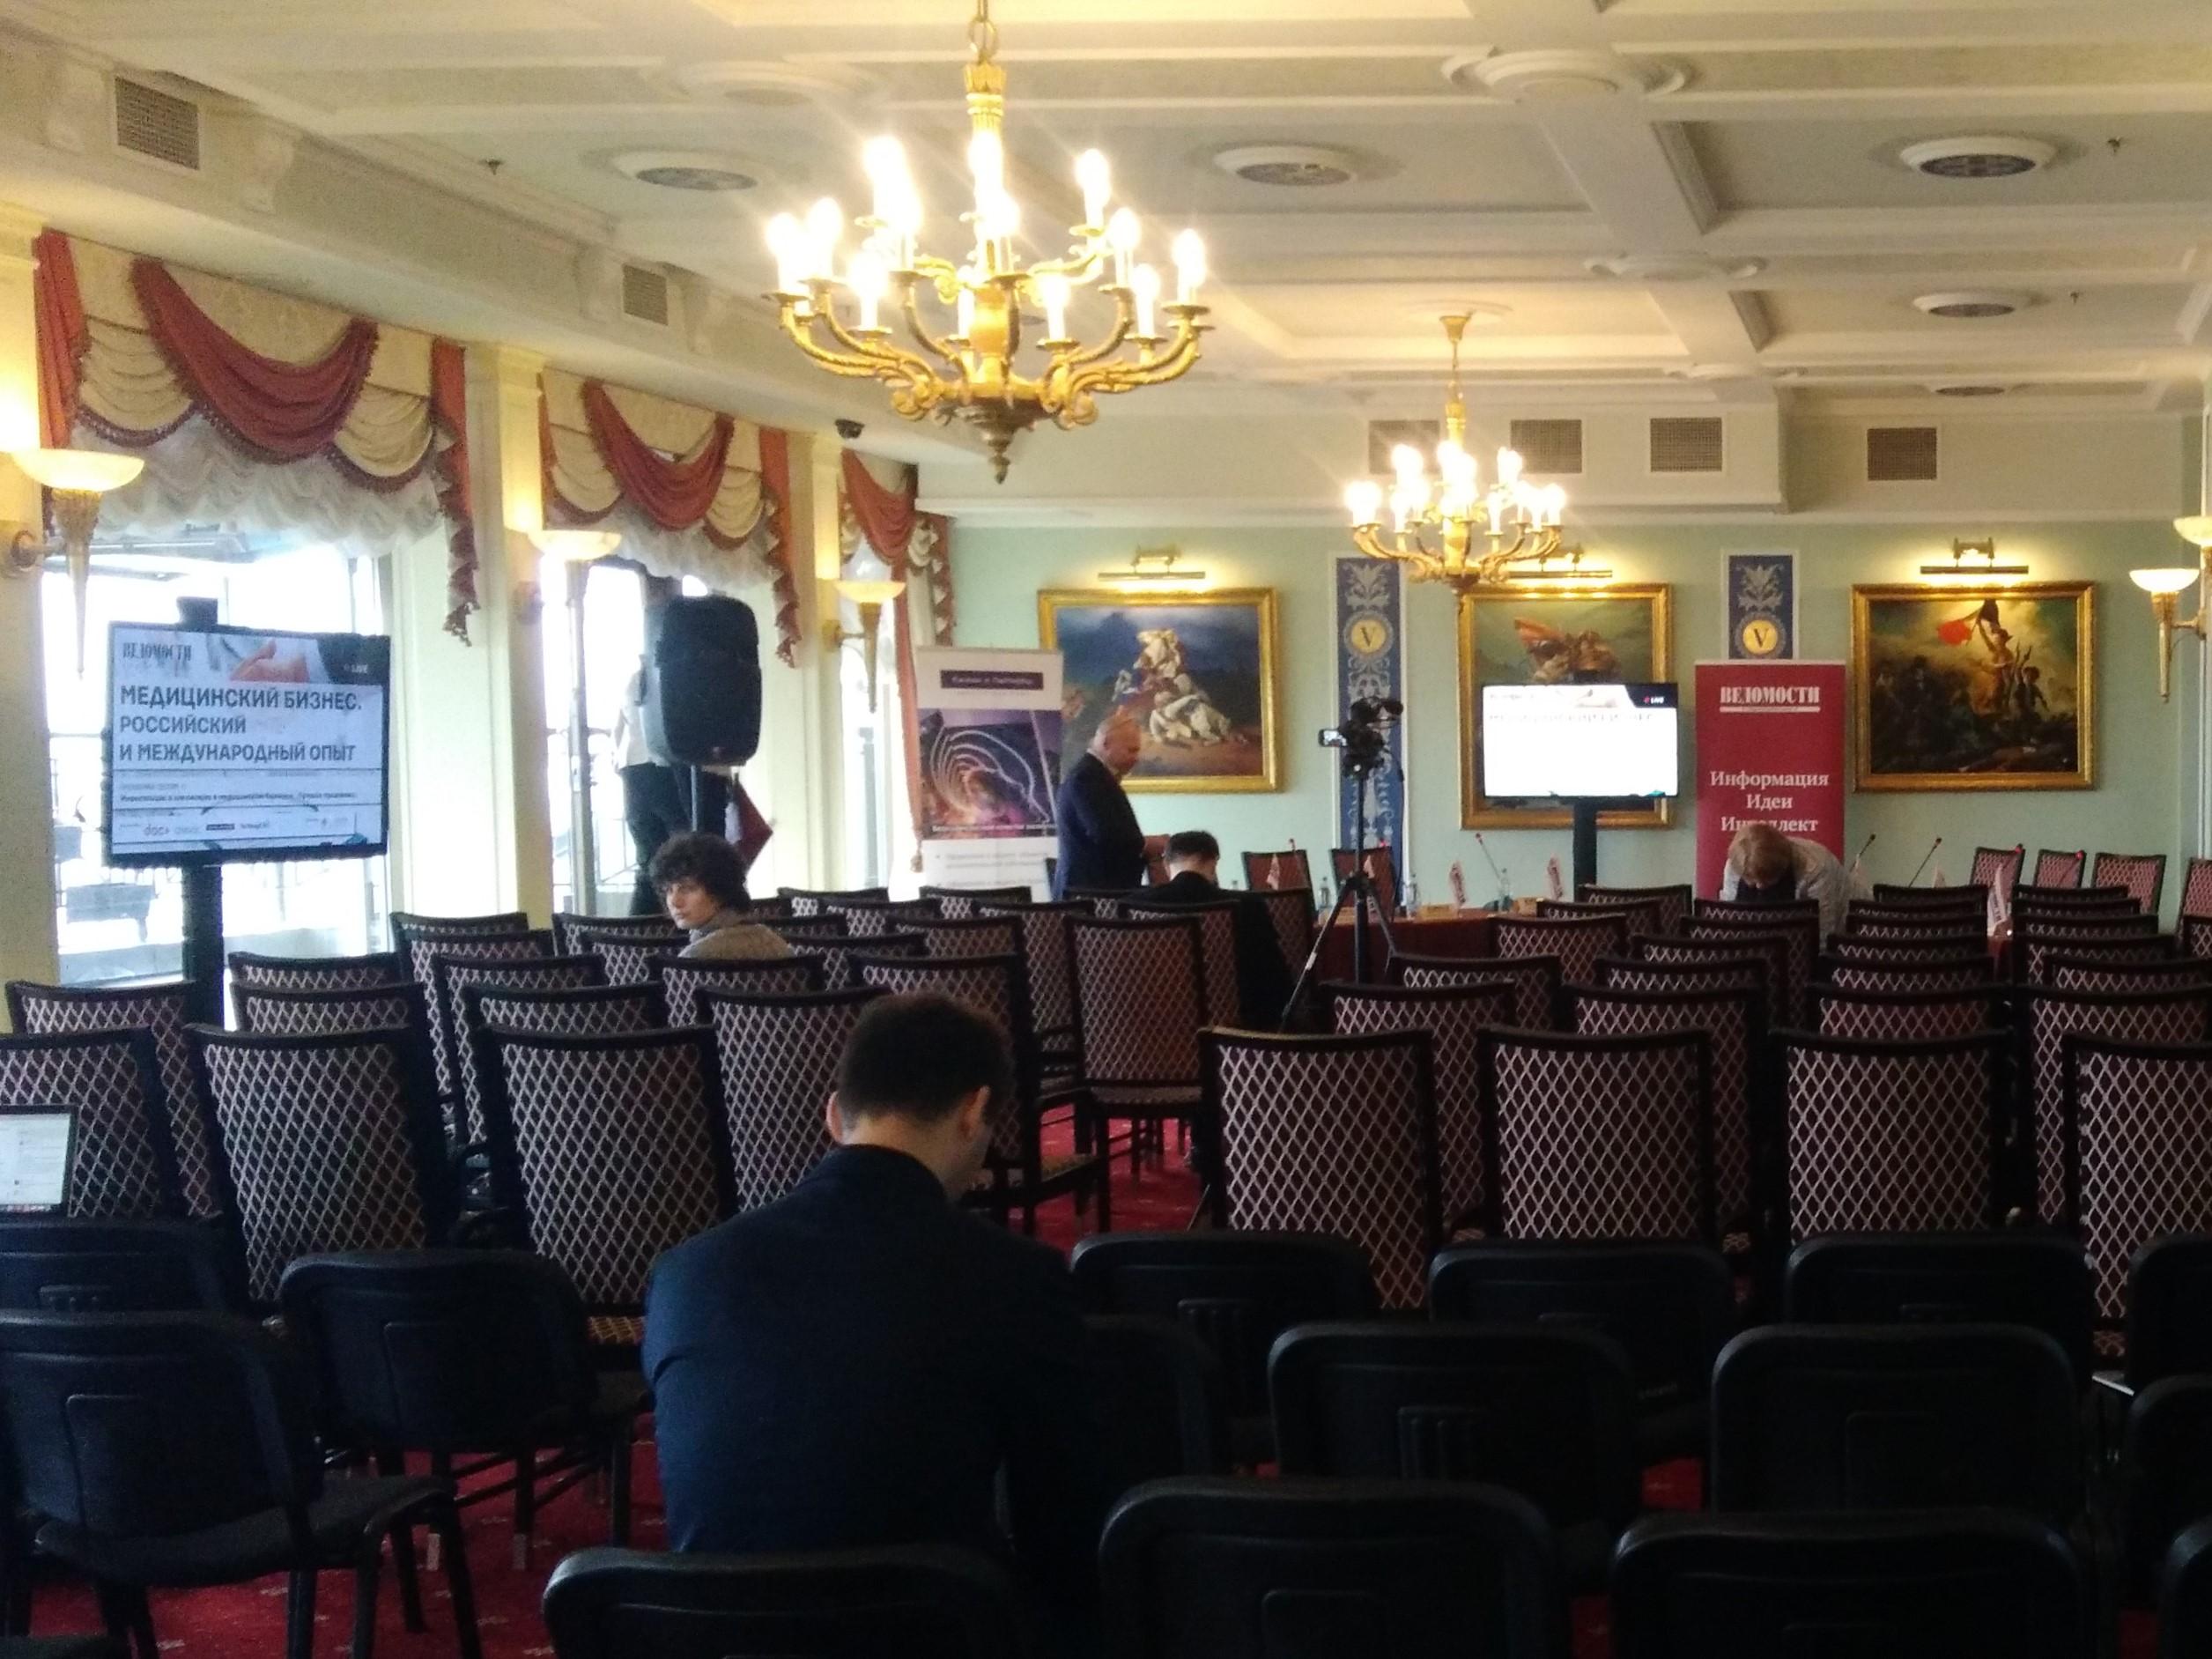 Аренда тв панелей 50 дюймов на конференцию pb-rent.ru